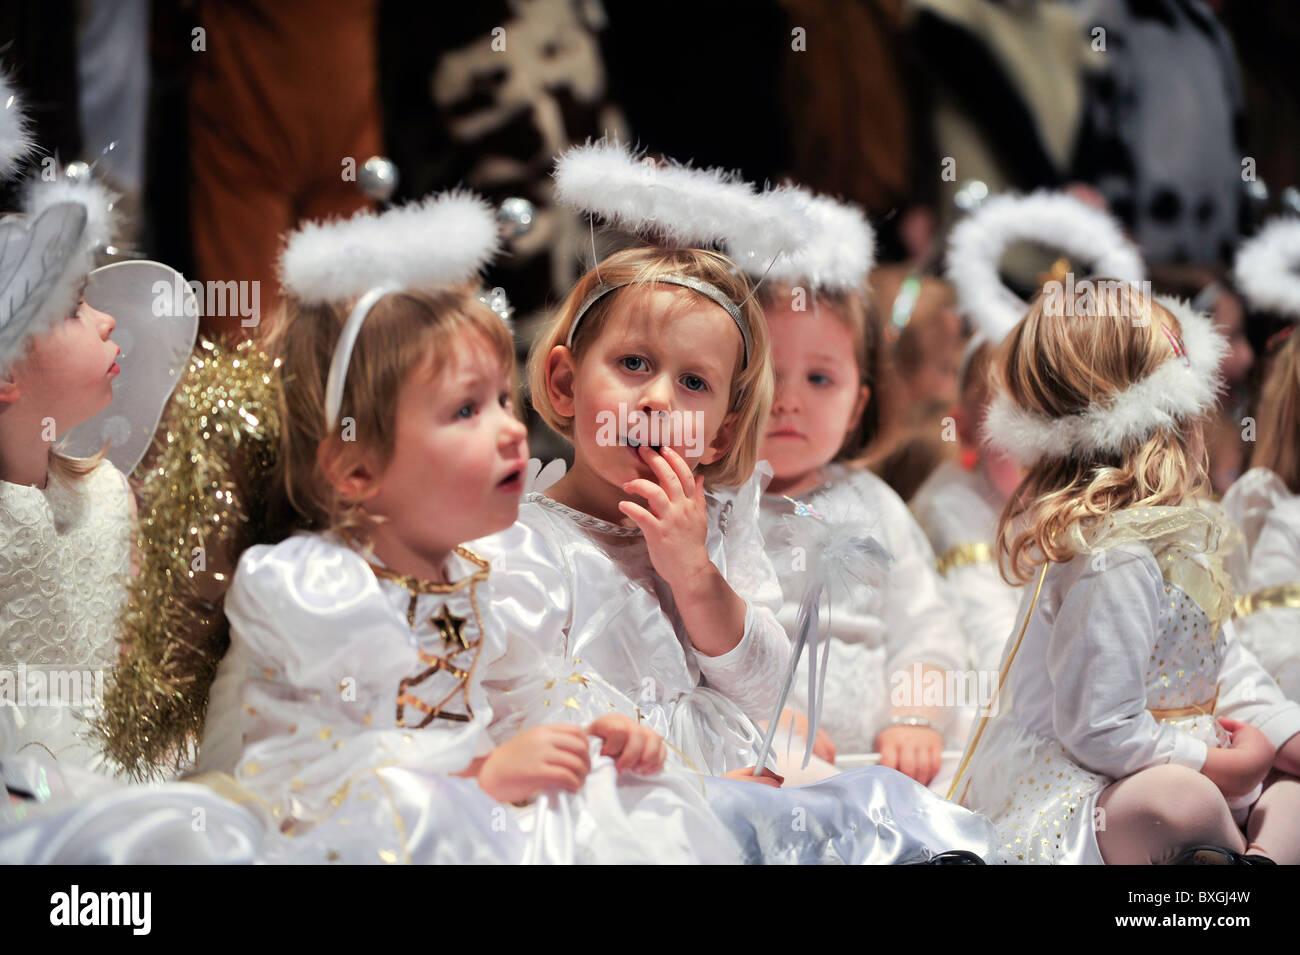 angel children playing - photo #16